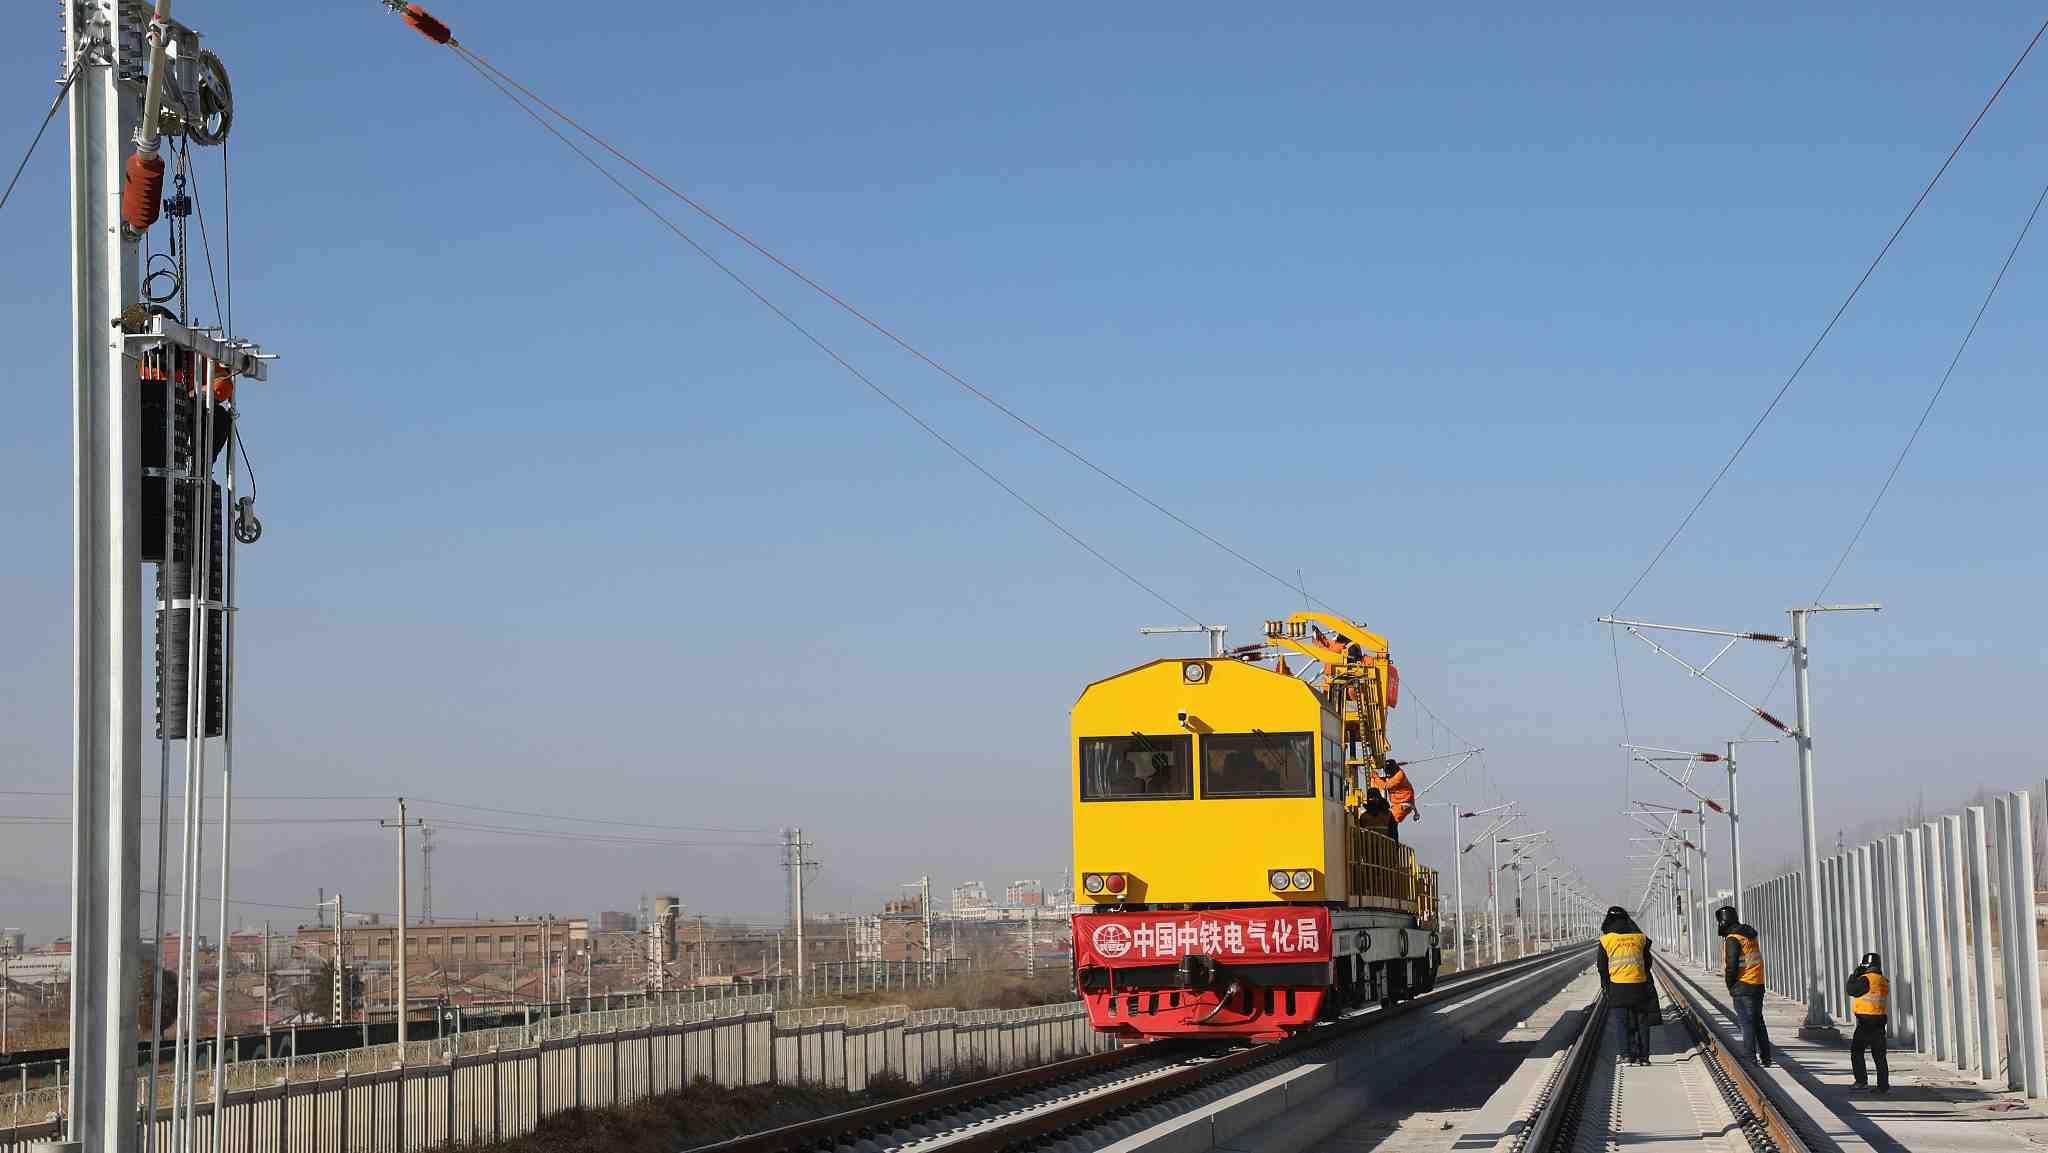 Railway construction underway for Beijing 2022 Olympics